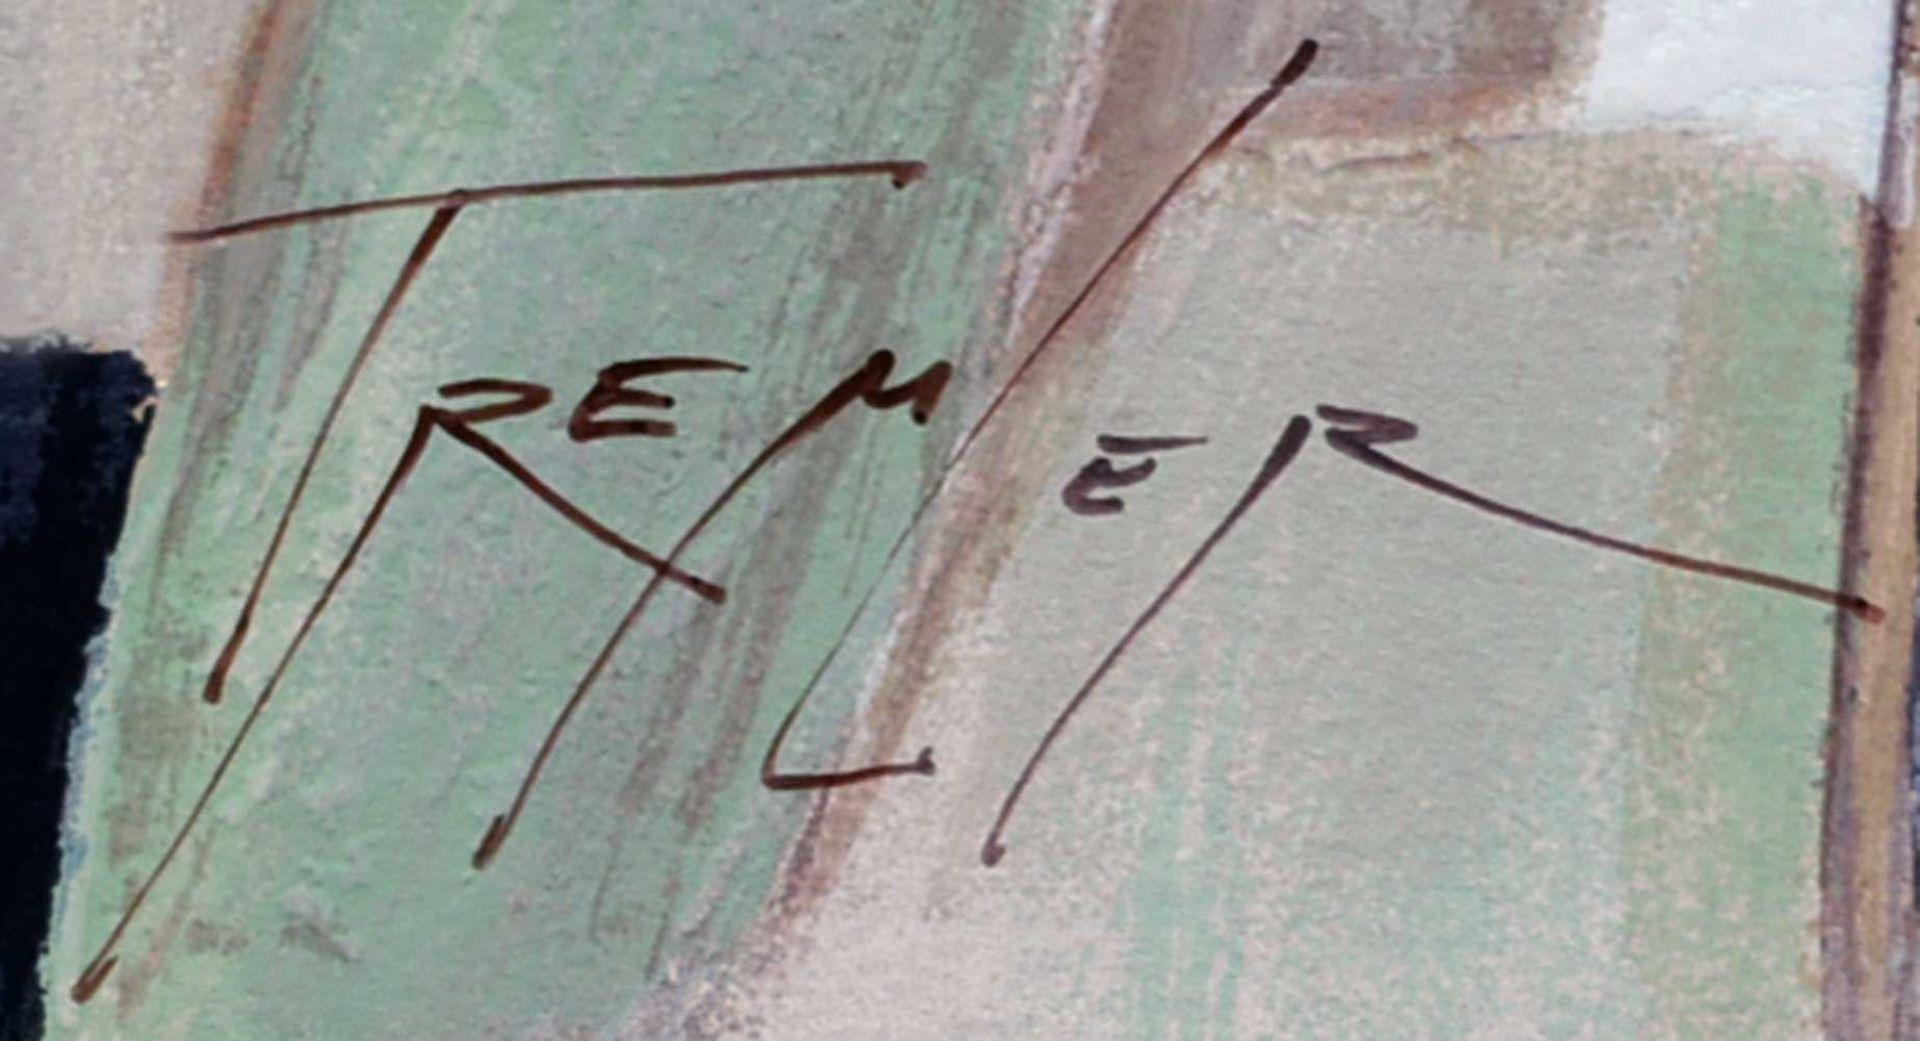 Yuri Tremler Ambiguity - Image 3 of 3